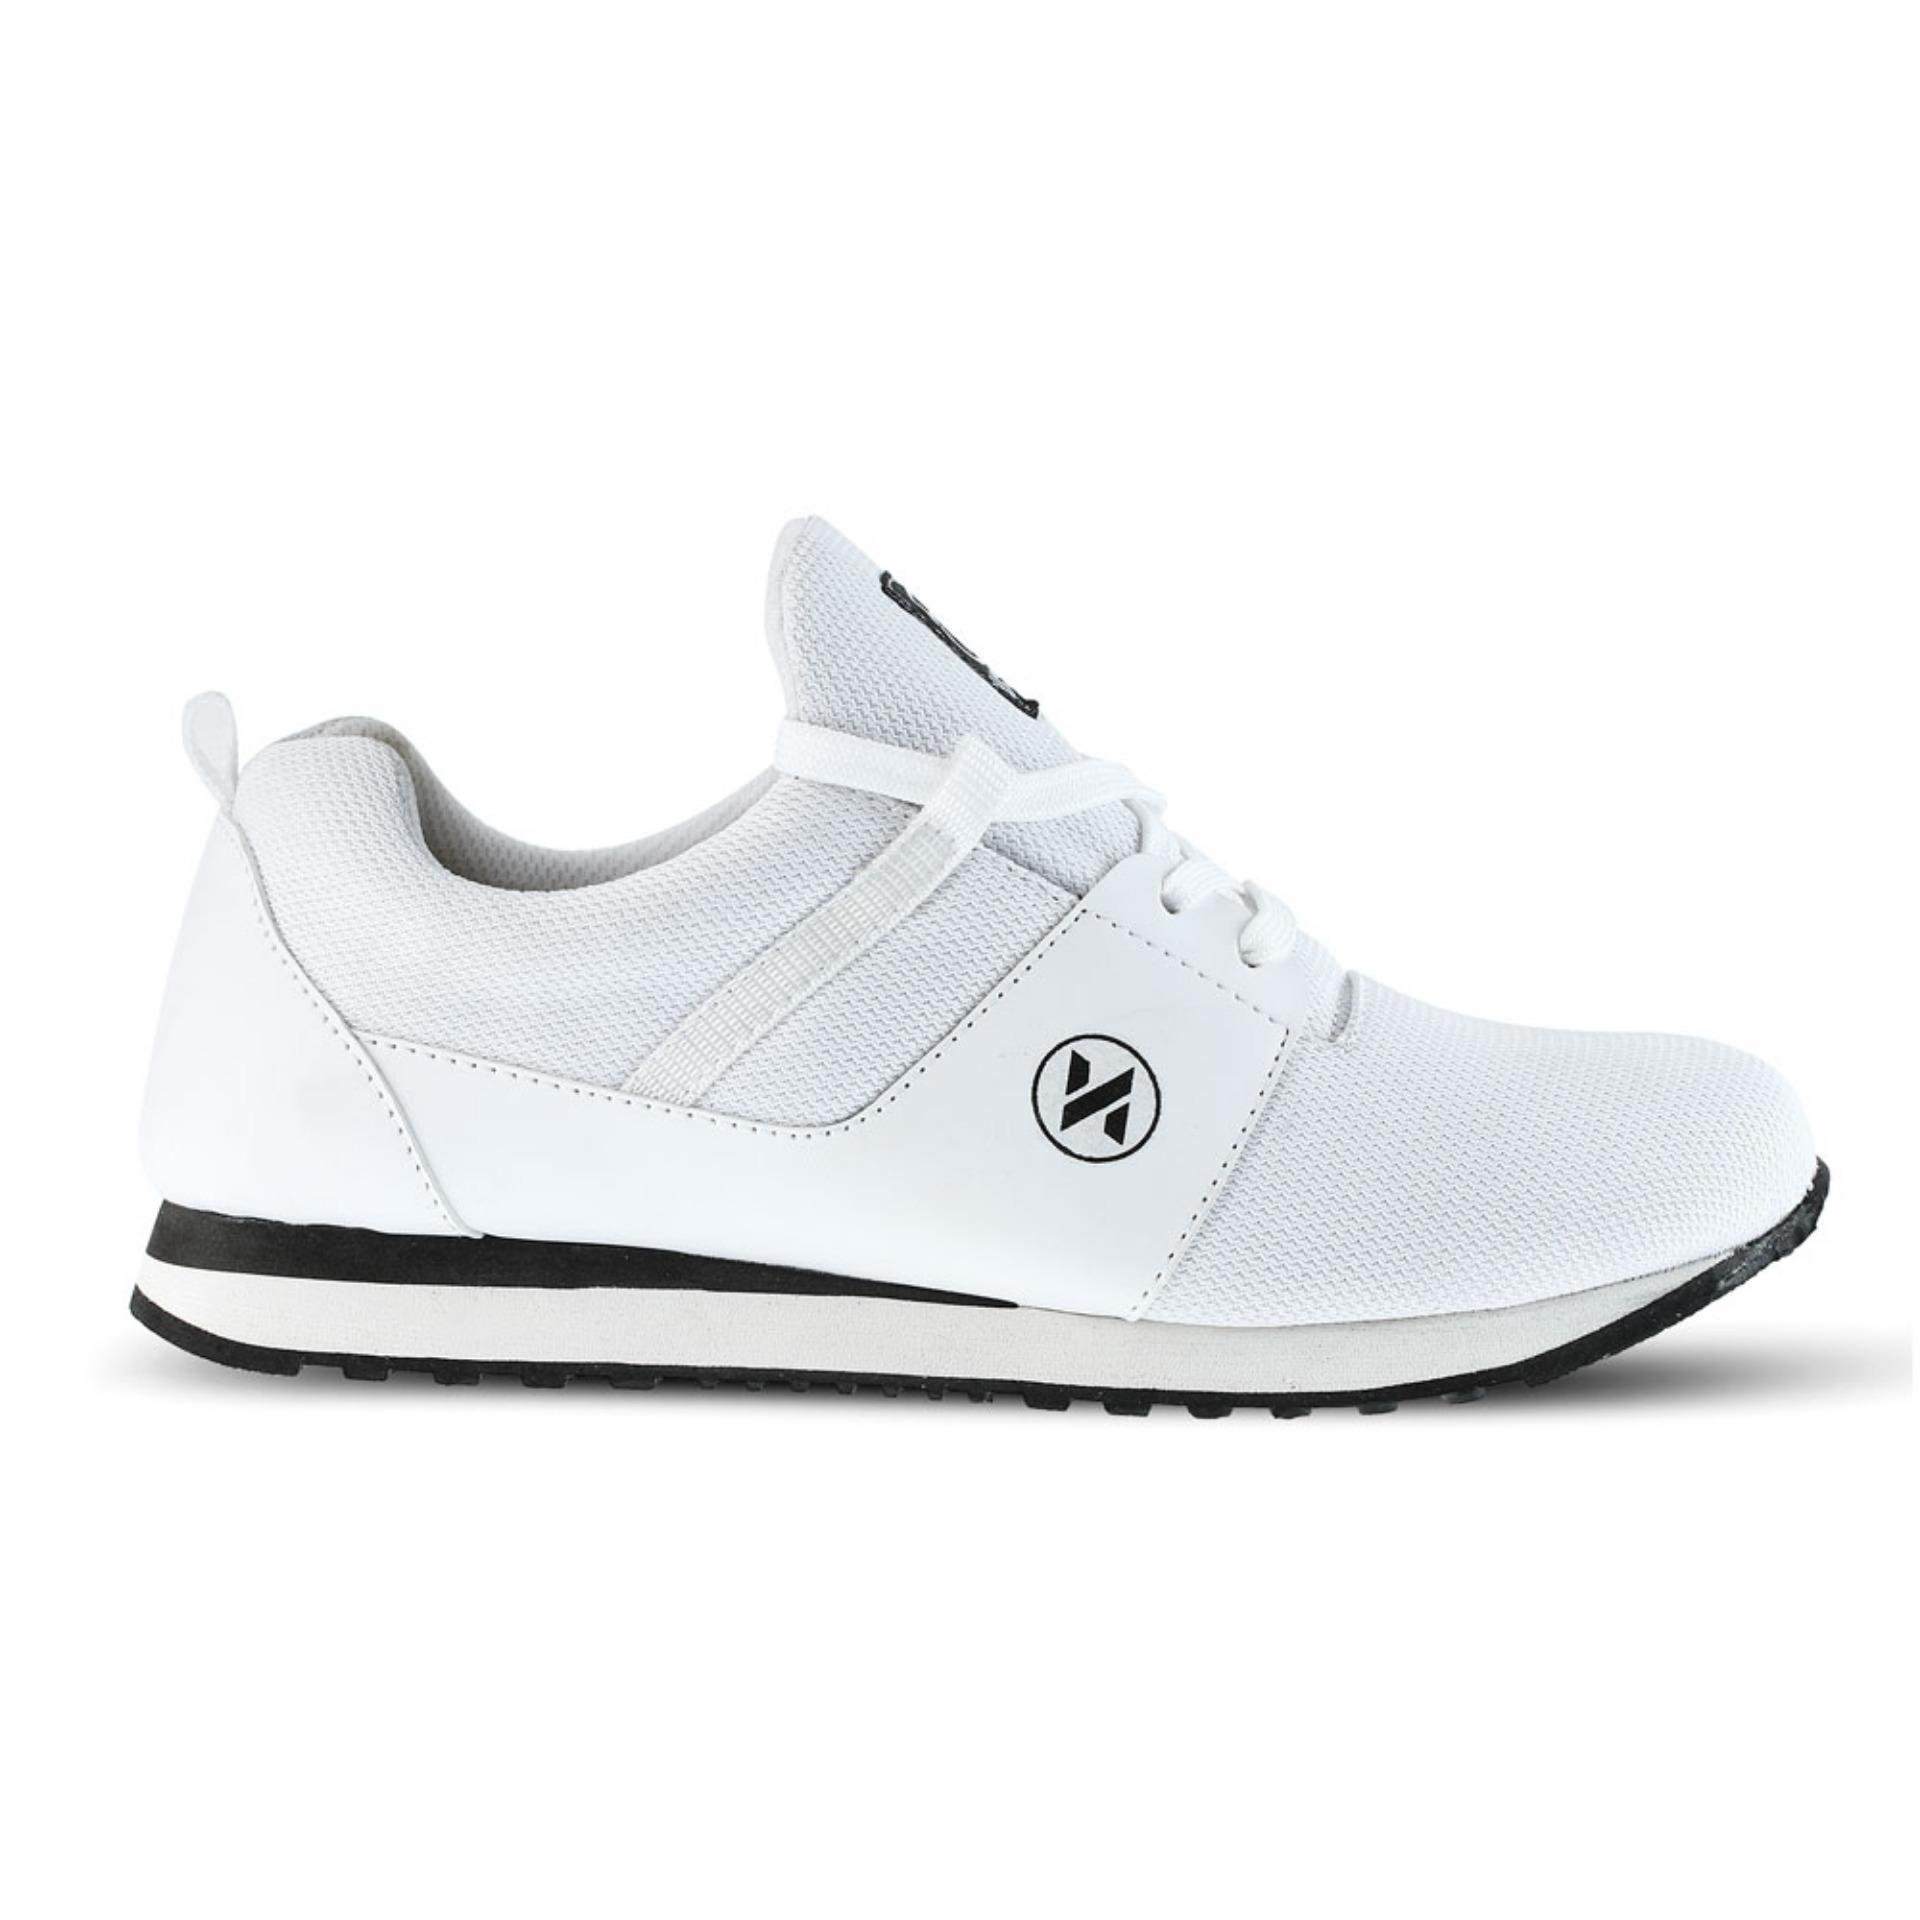 ... Distro DS 415 Sepatu Sneakers Kets dan Kasual Pria untuk jalan, santai, olahraga,